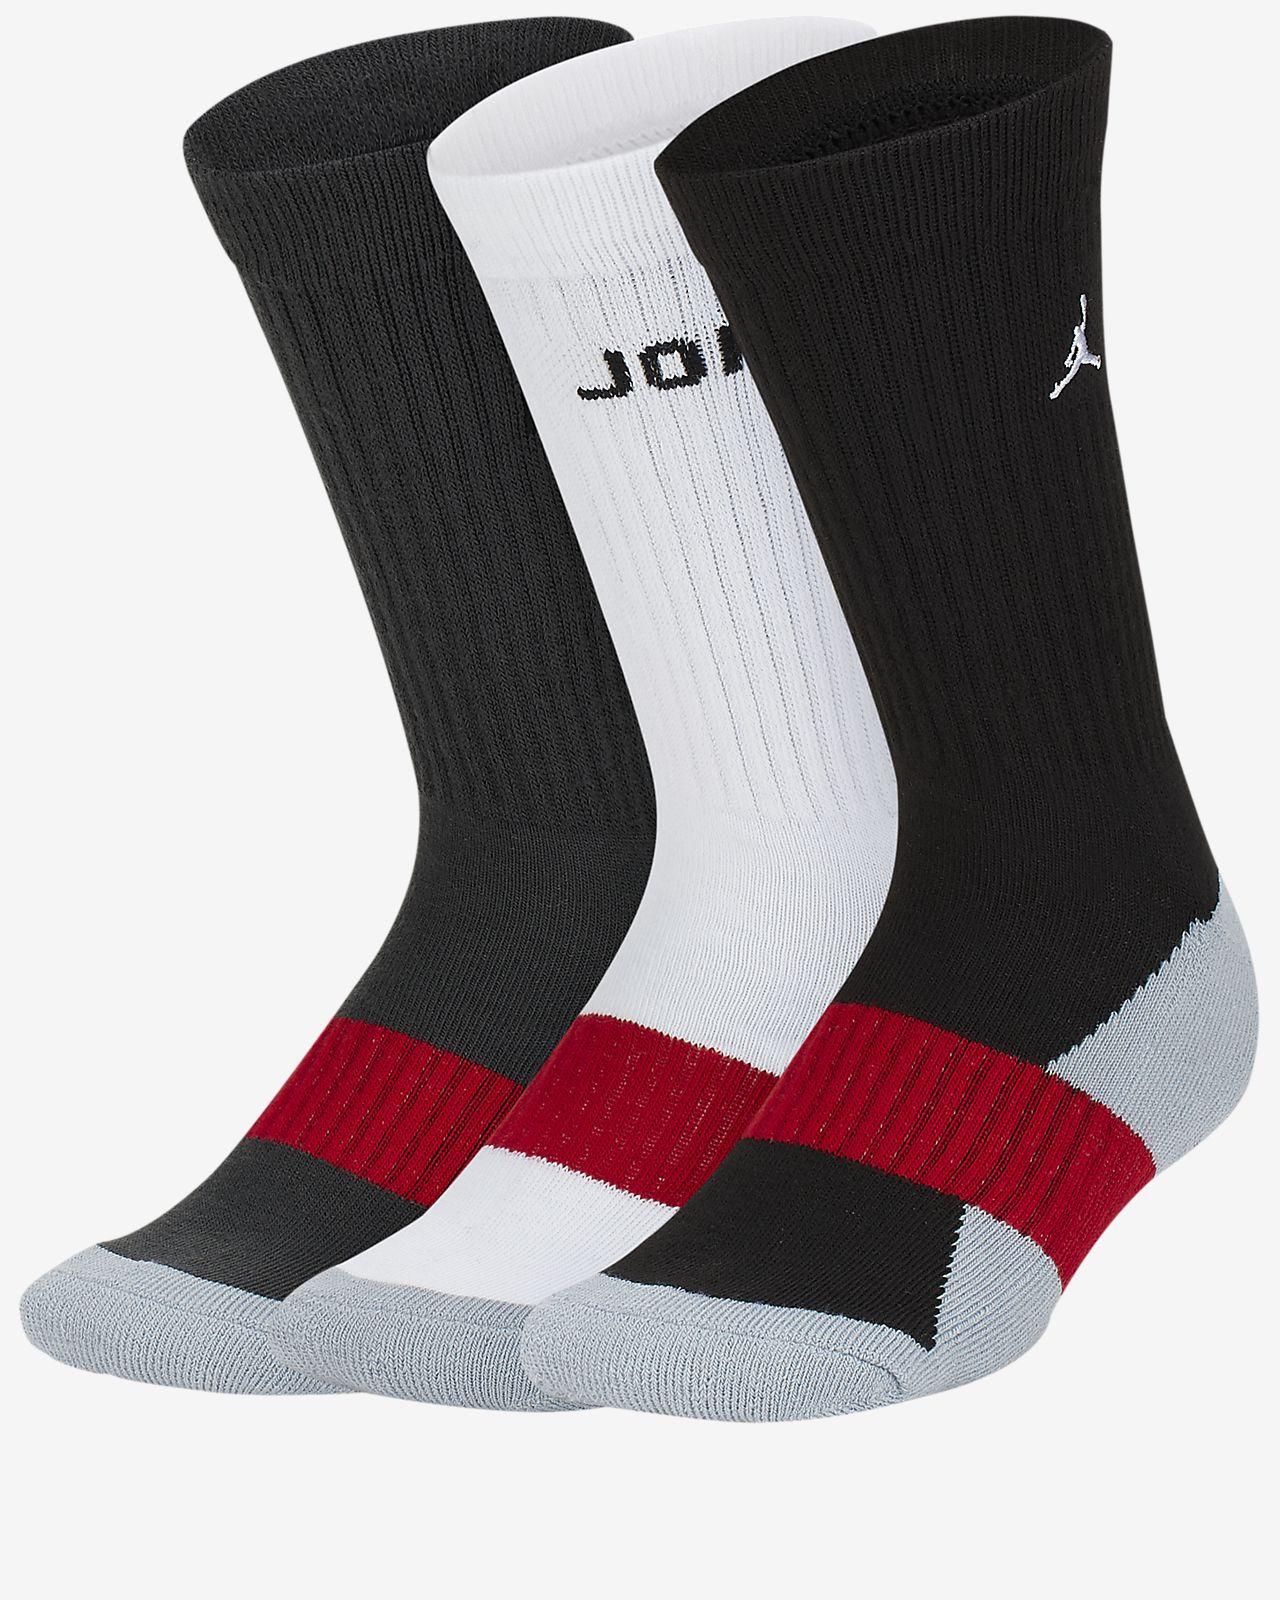 Středně vysoké polstrované ponožky Jordan pro větší děti (chlapce) (3 páry)